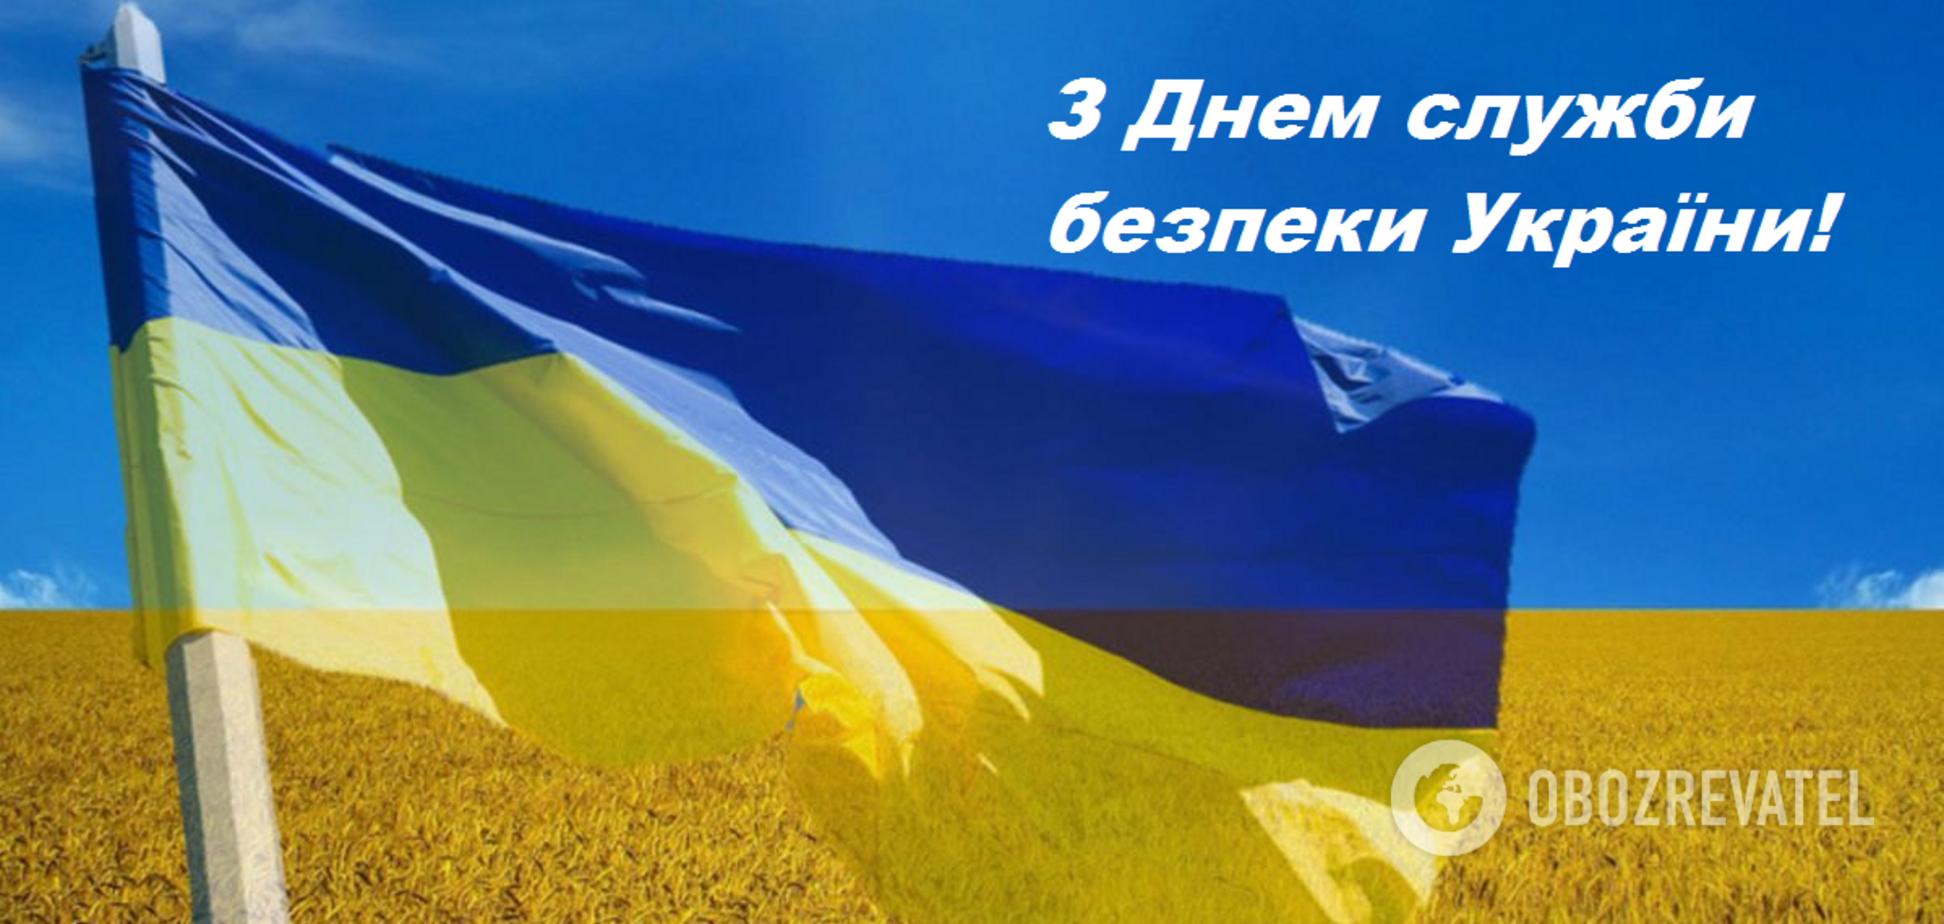 День СБУ  был установлен указом президента Леонида Кучмы в 2001 году